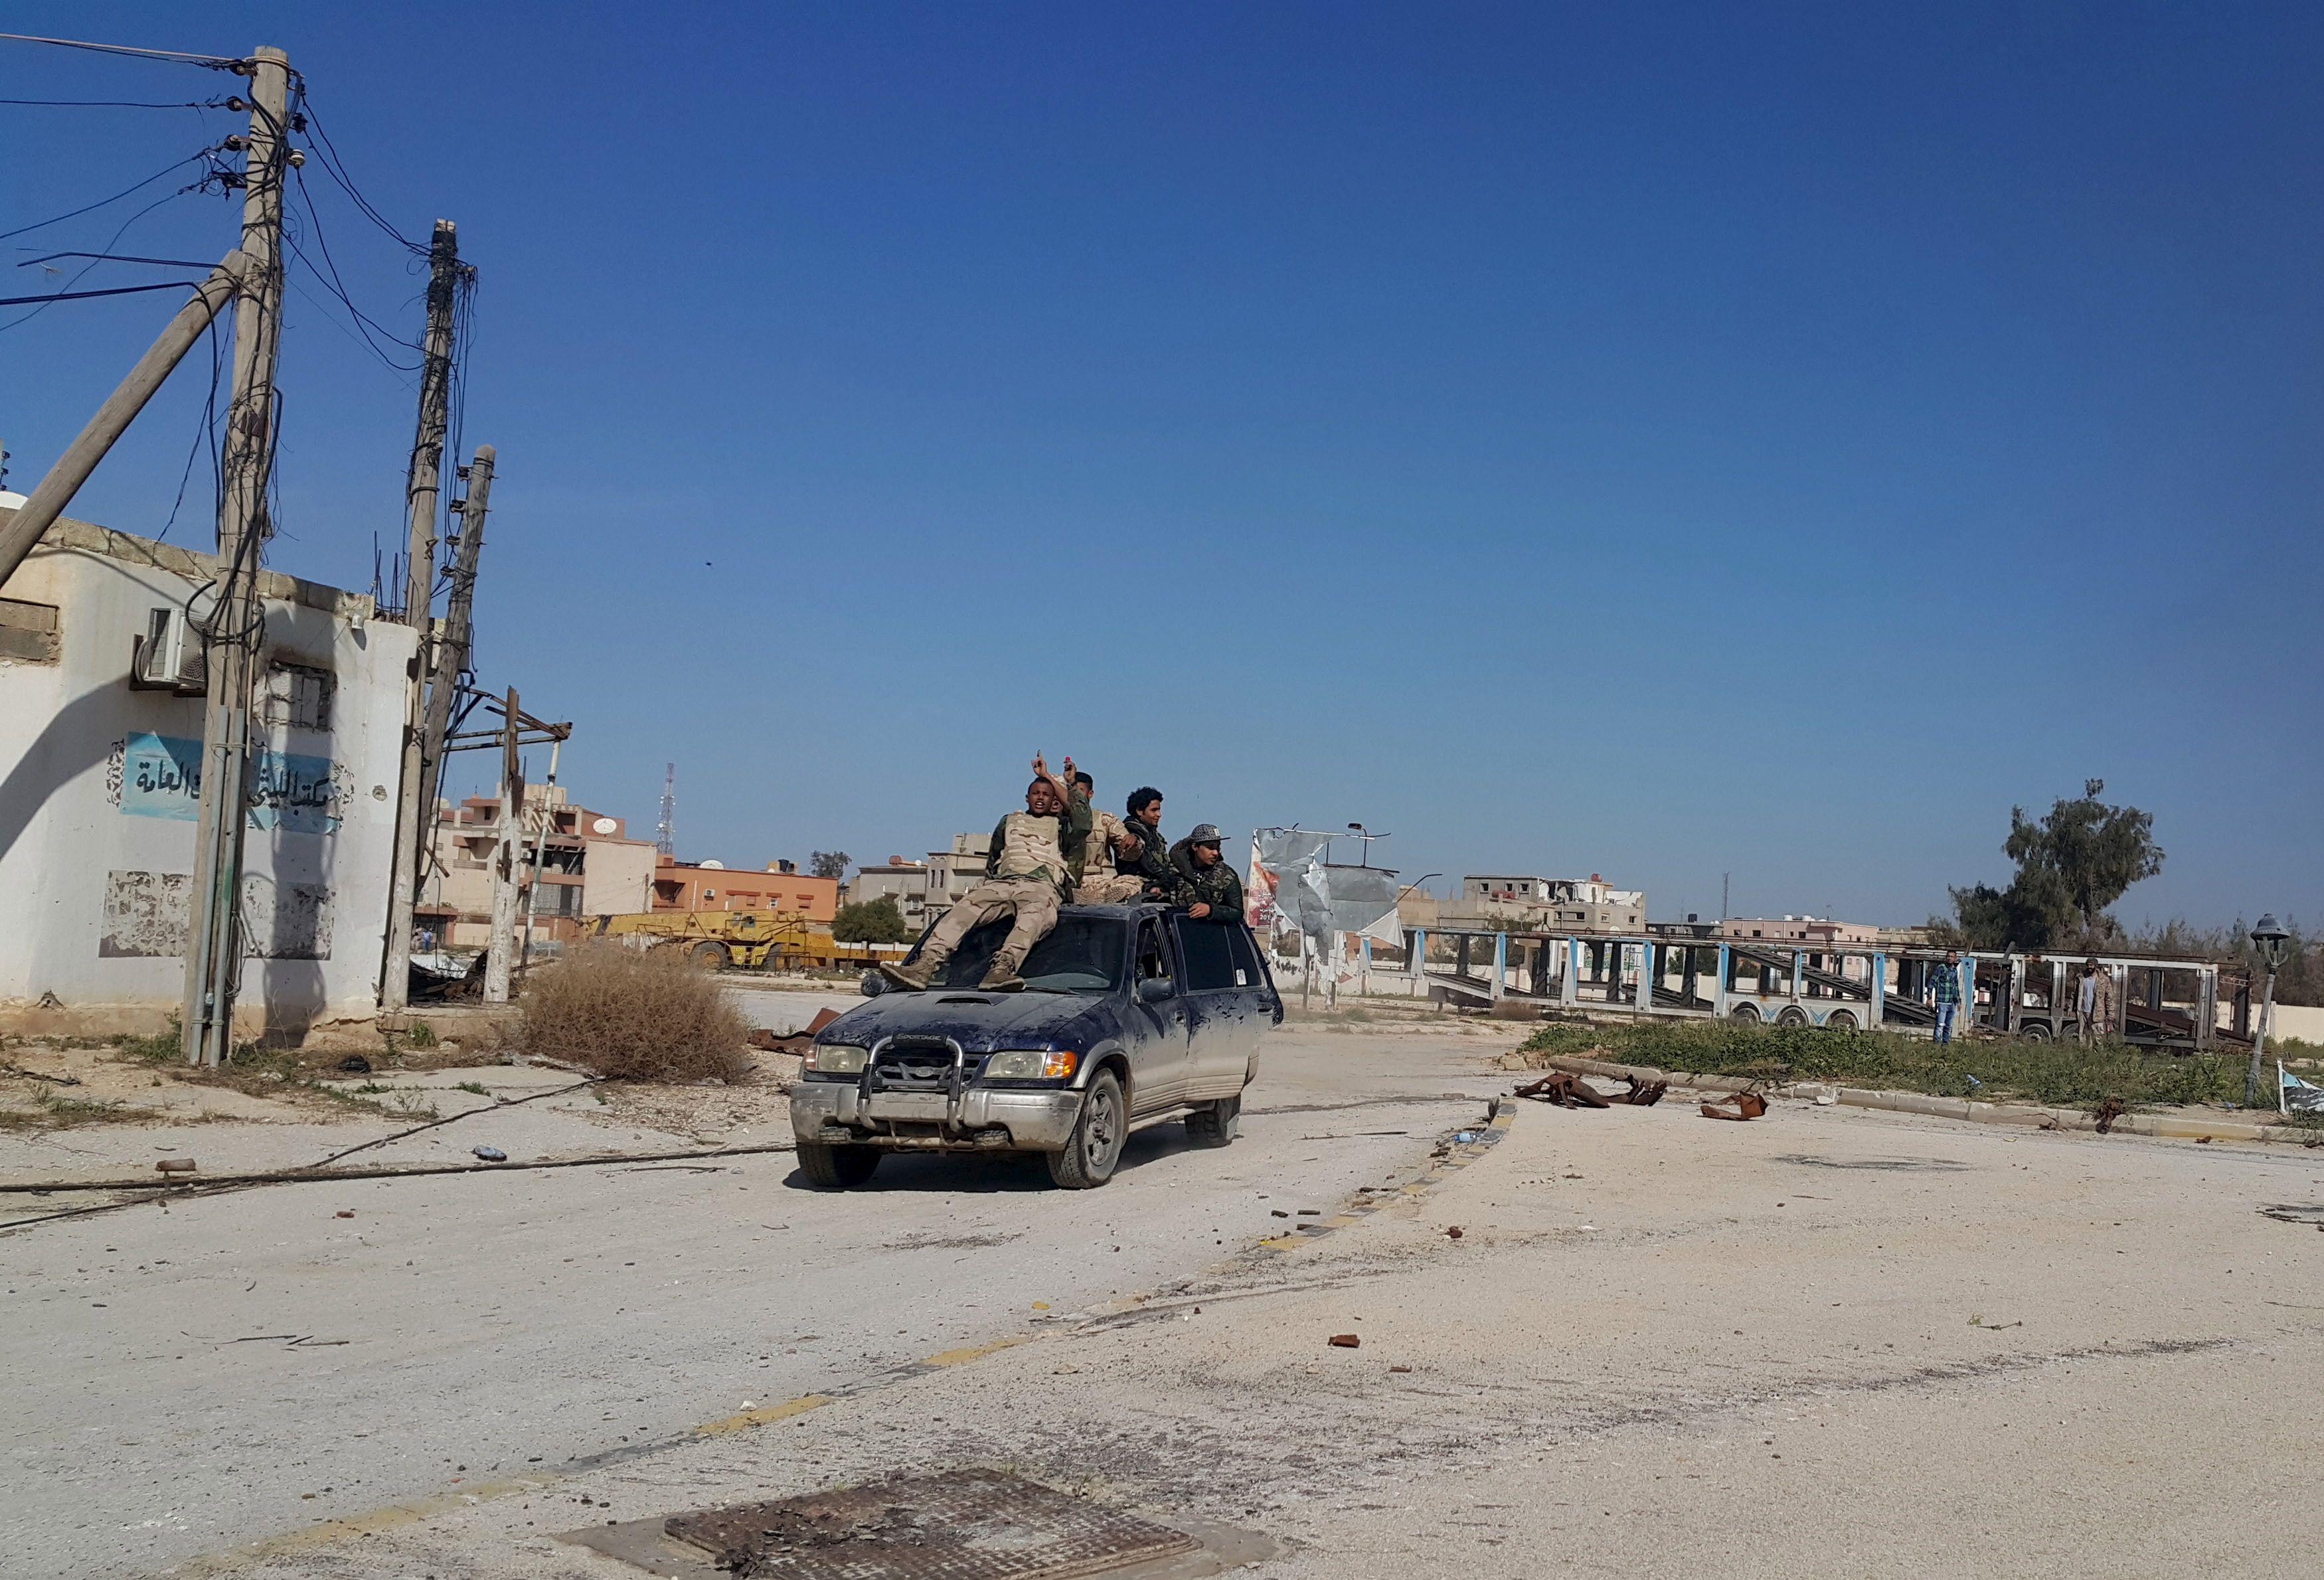 La France est-elle en train de préparer une intervention militaire directe en Libye, dans la foulée de ses opérations (plus trop) secrètes contre l'Etat islamique ?